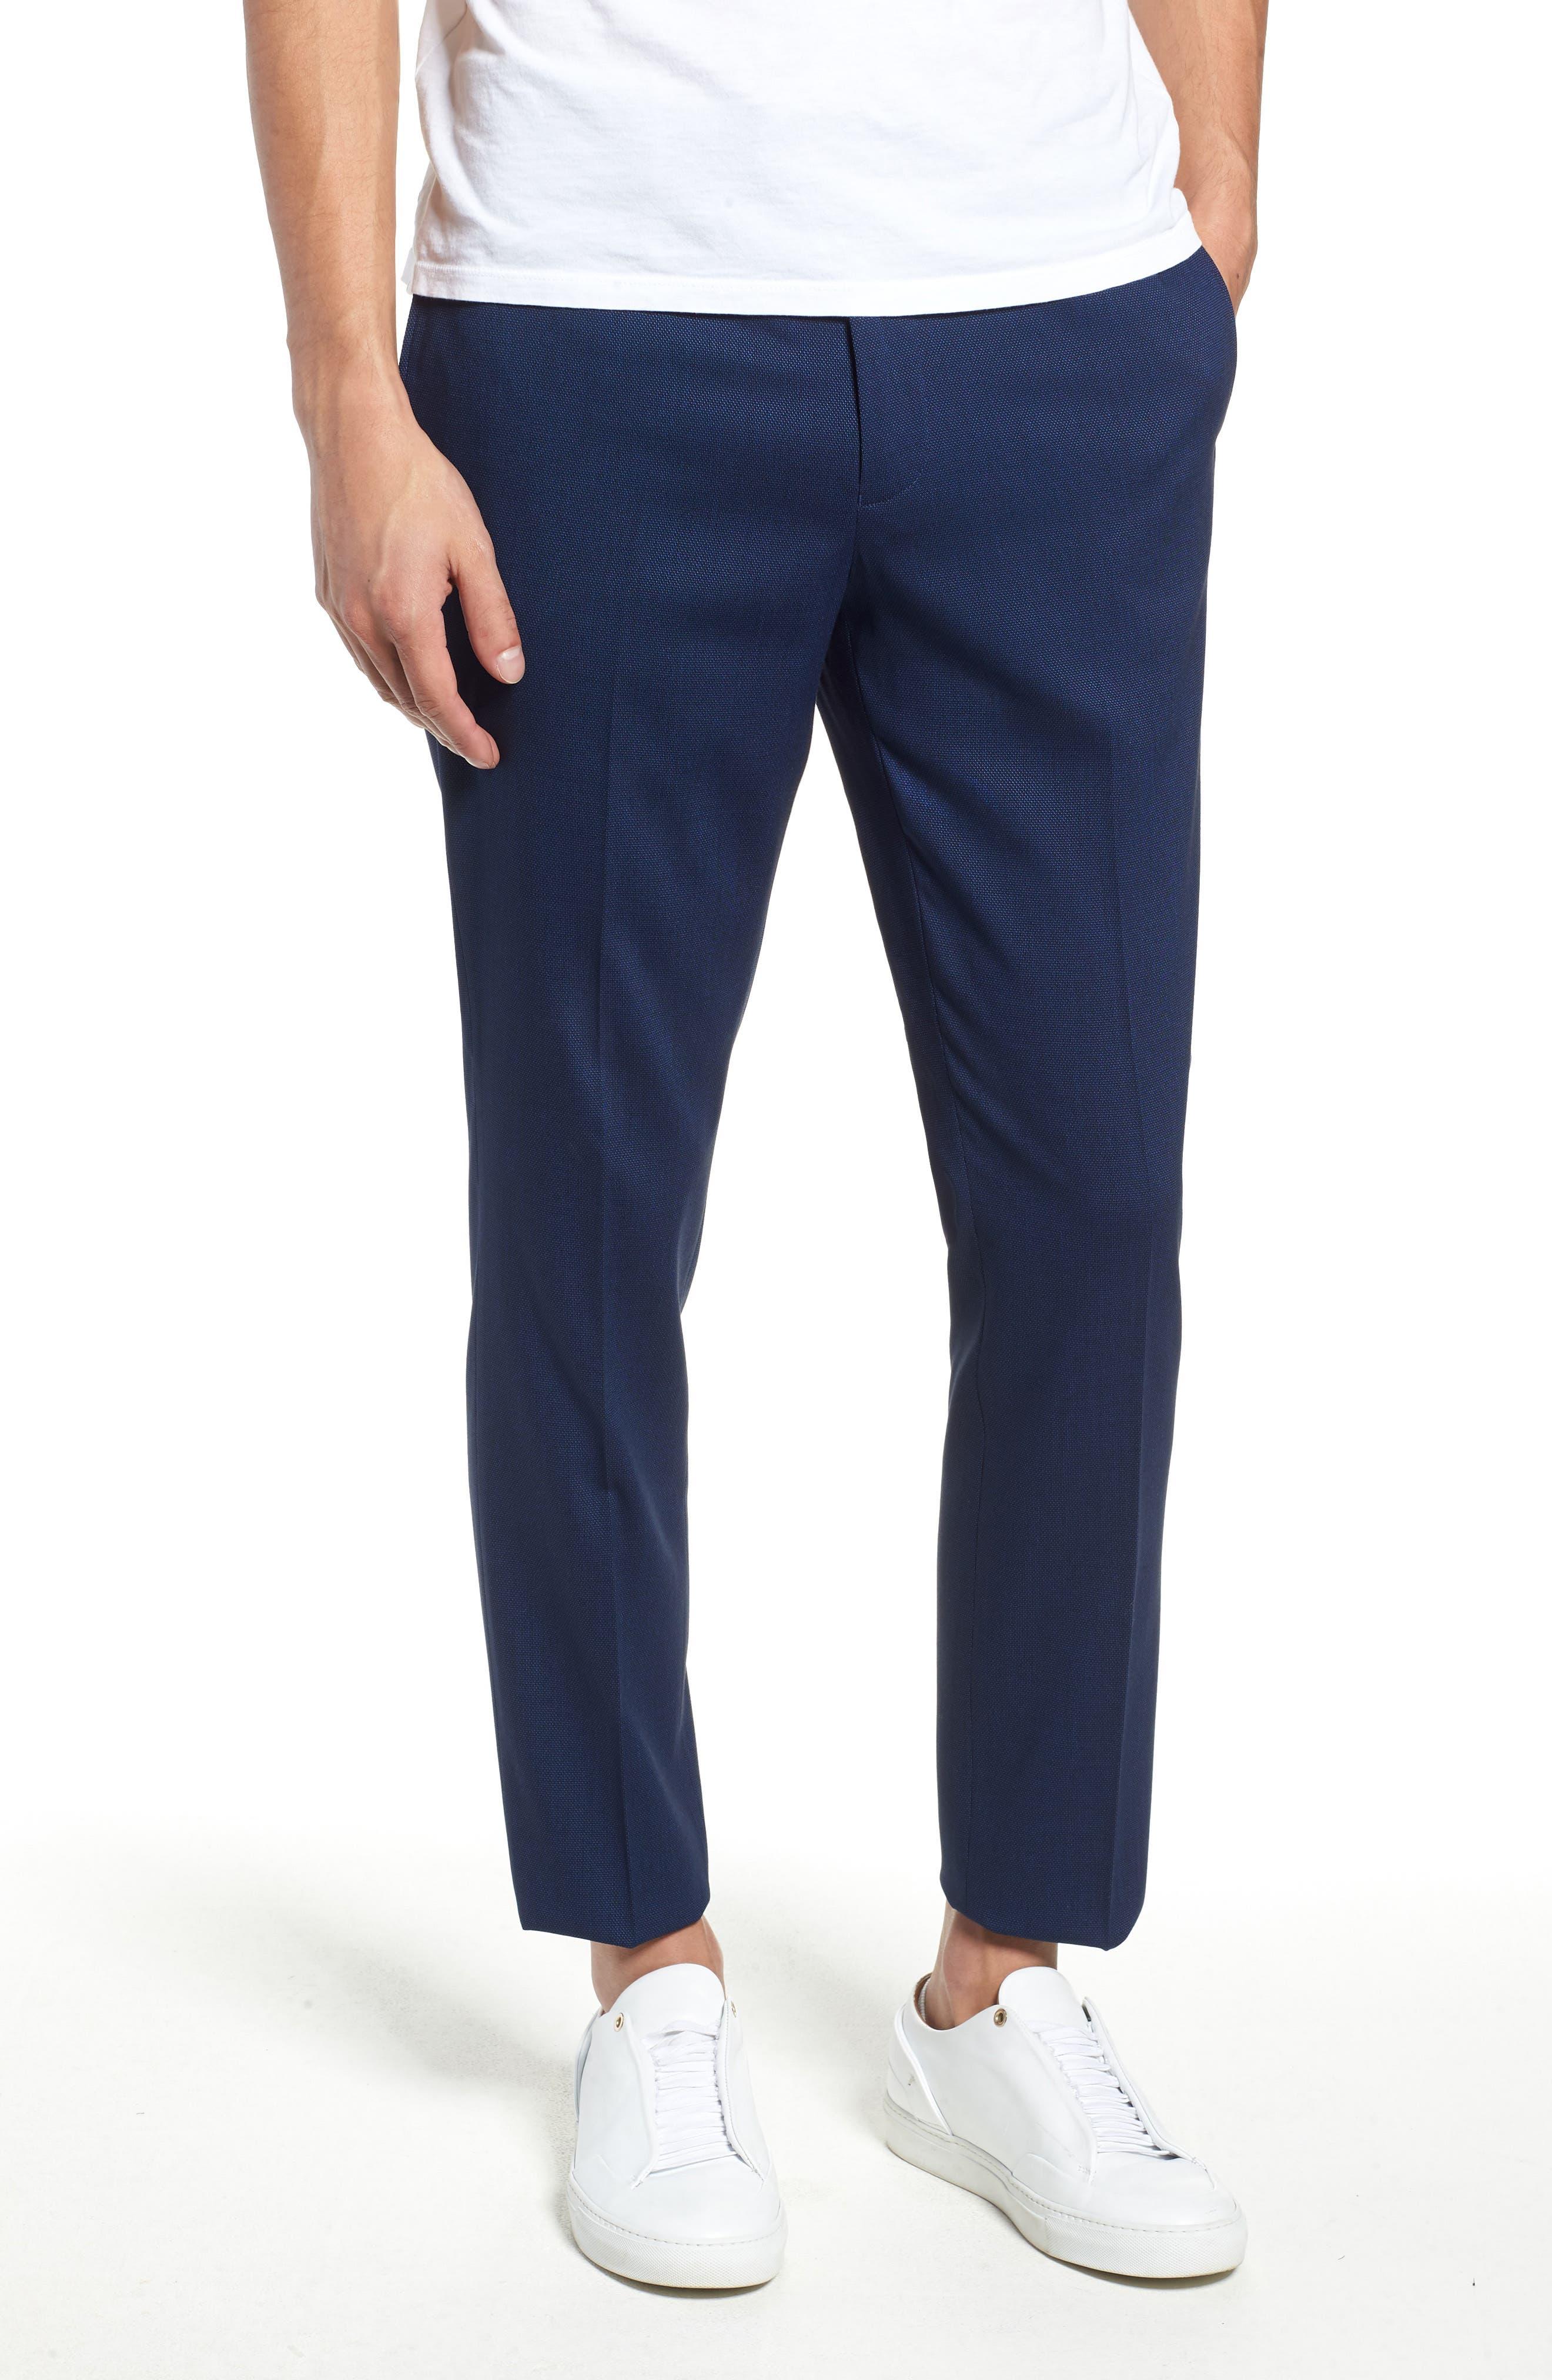 TOPMAN, Skinny Fit Suit Pants, Main thumbnail 1, color, MID BLUE